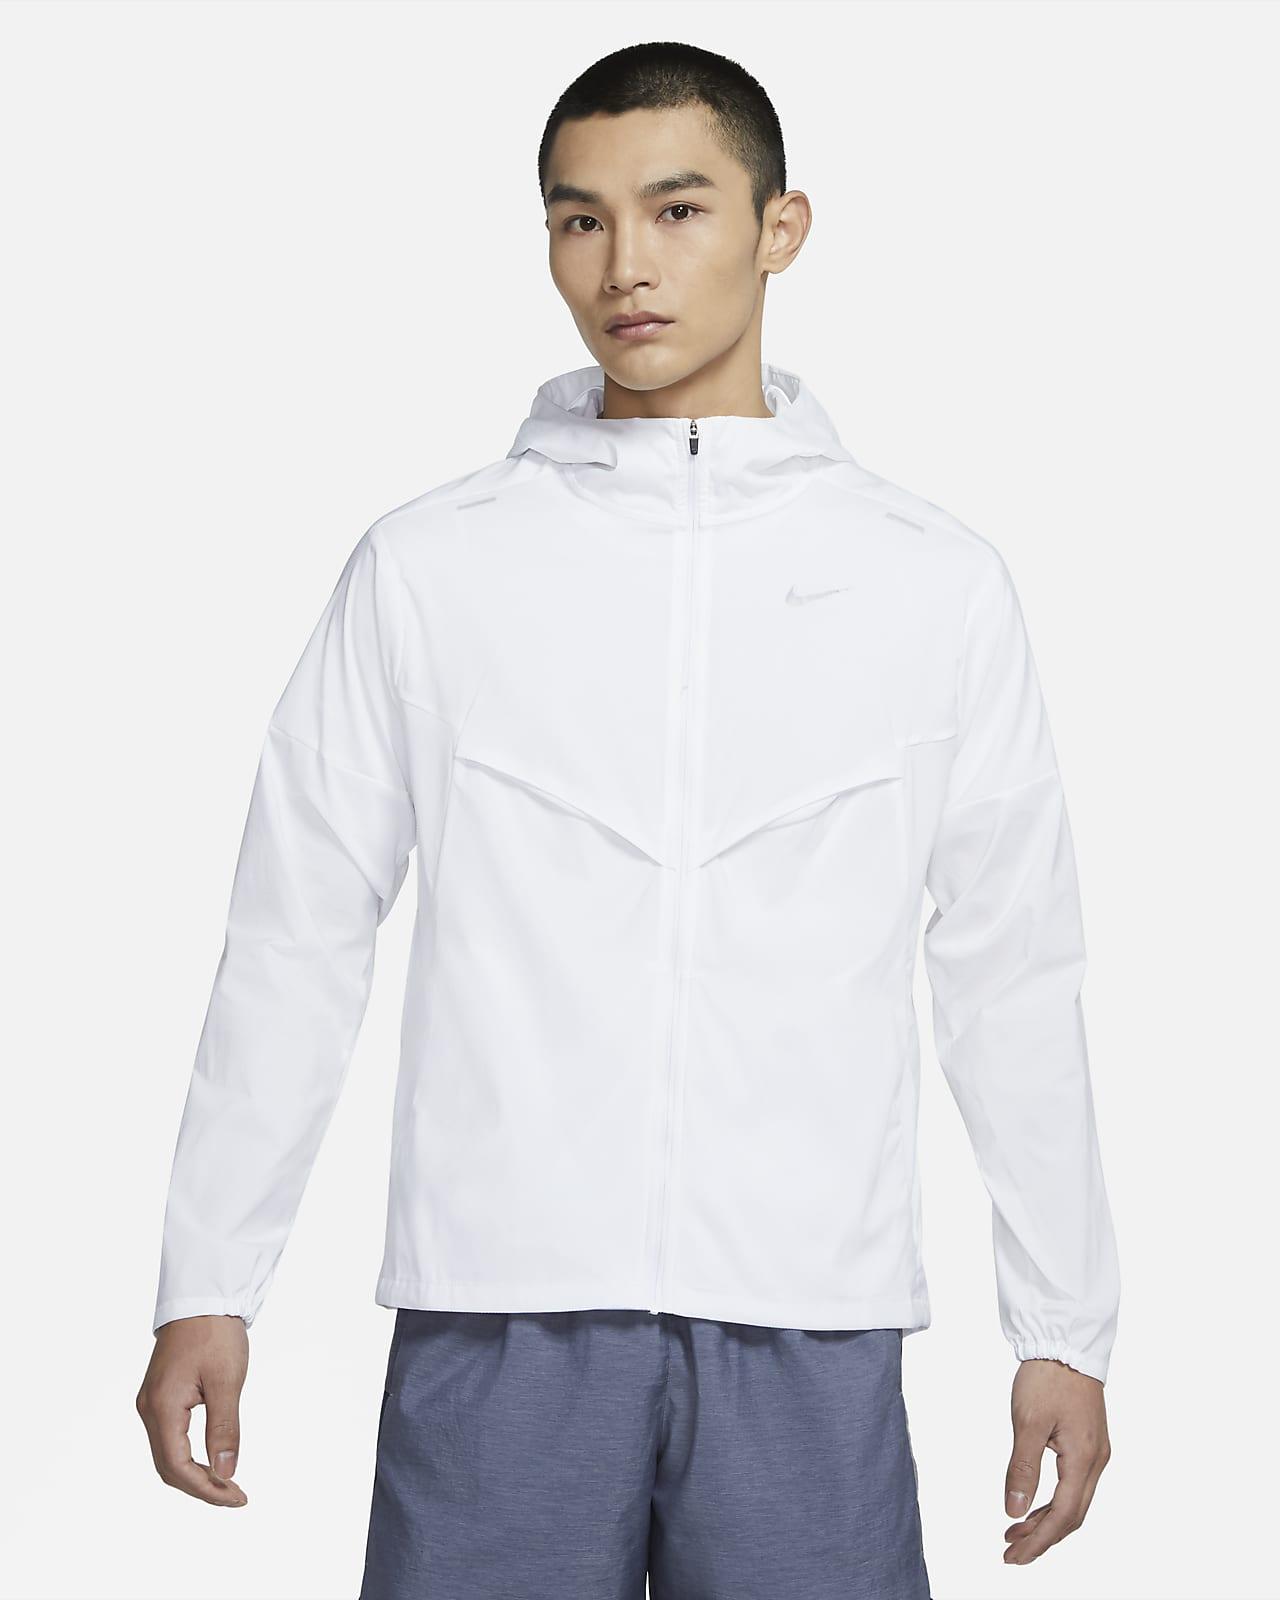 เสื้อแจ็คเก็ตวิ่งผู้ชาย Nike Windrunner